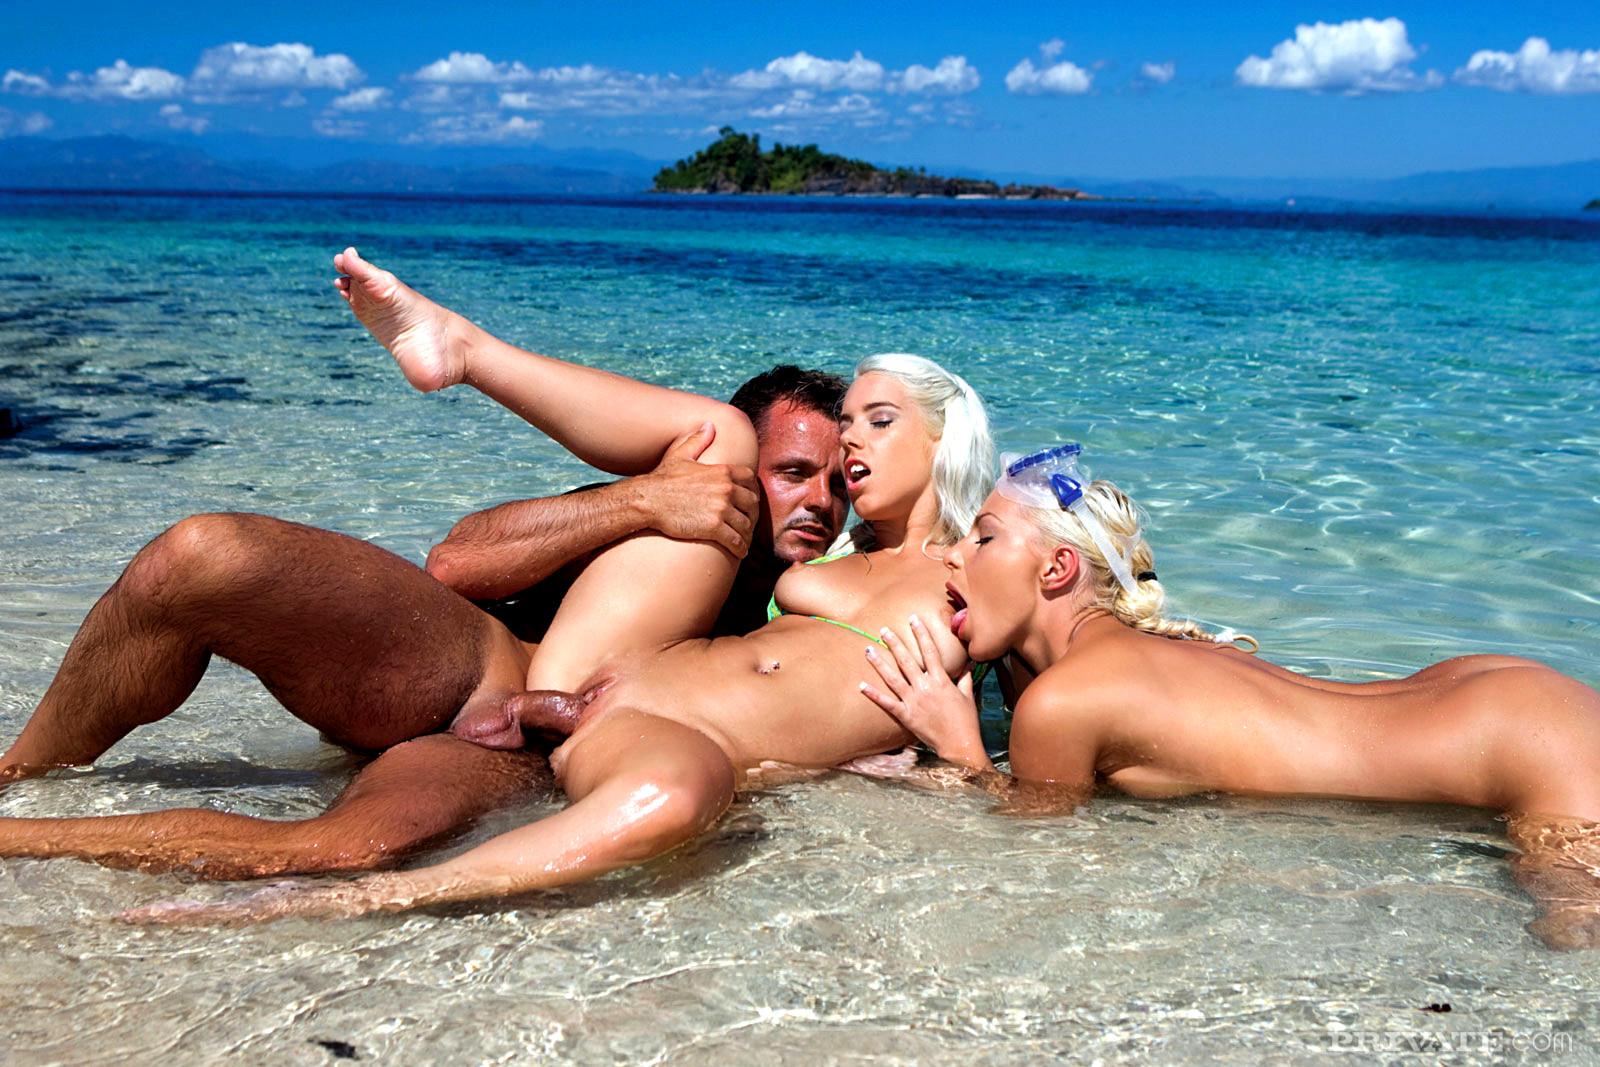 порно видео секс после купания в море заметке